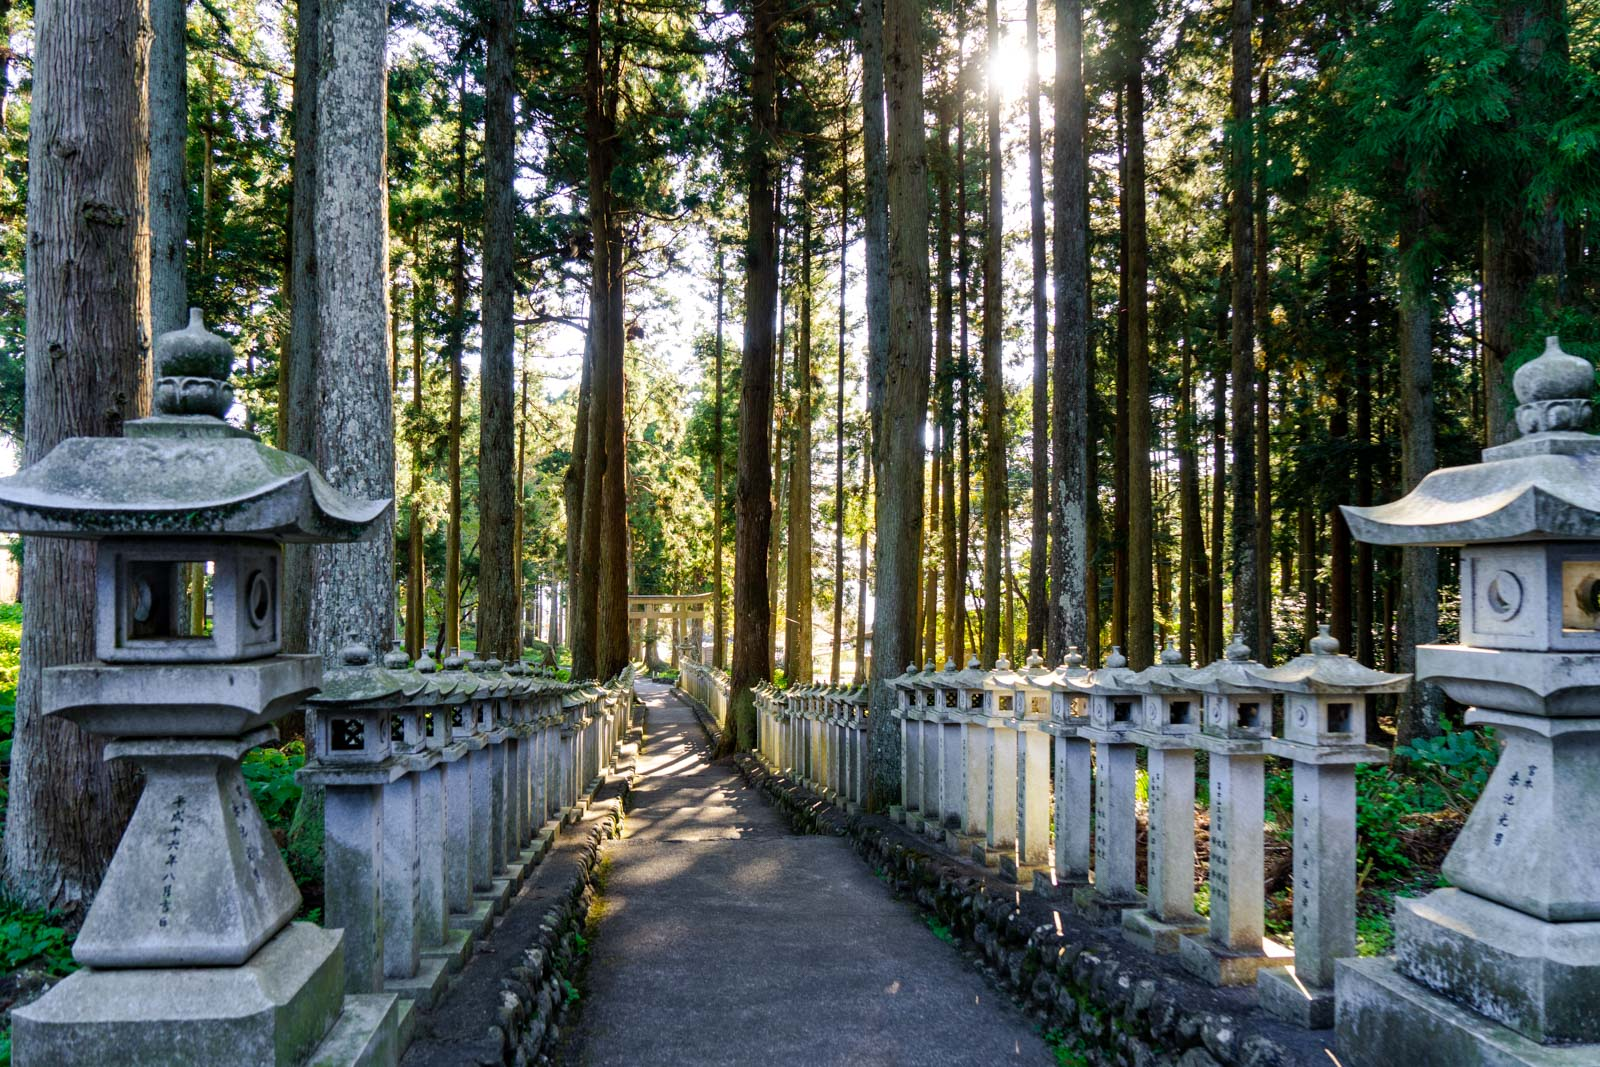 Yamamiya Sengen-jinja Shrine, Fujinomiya, Japan